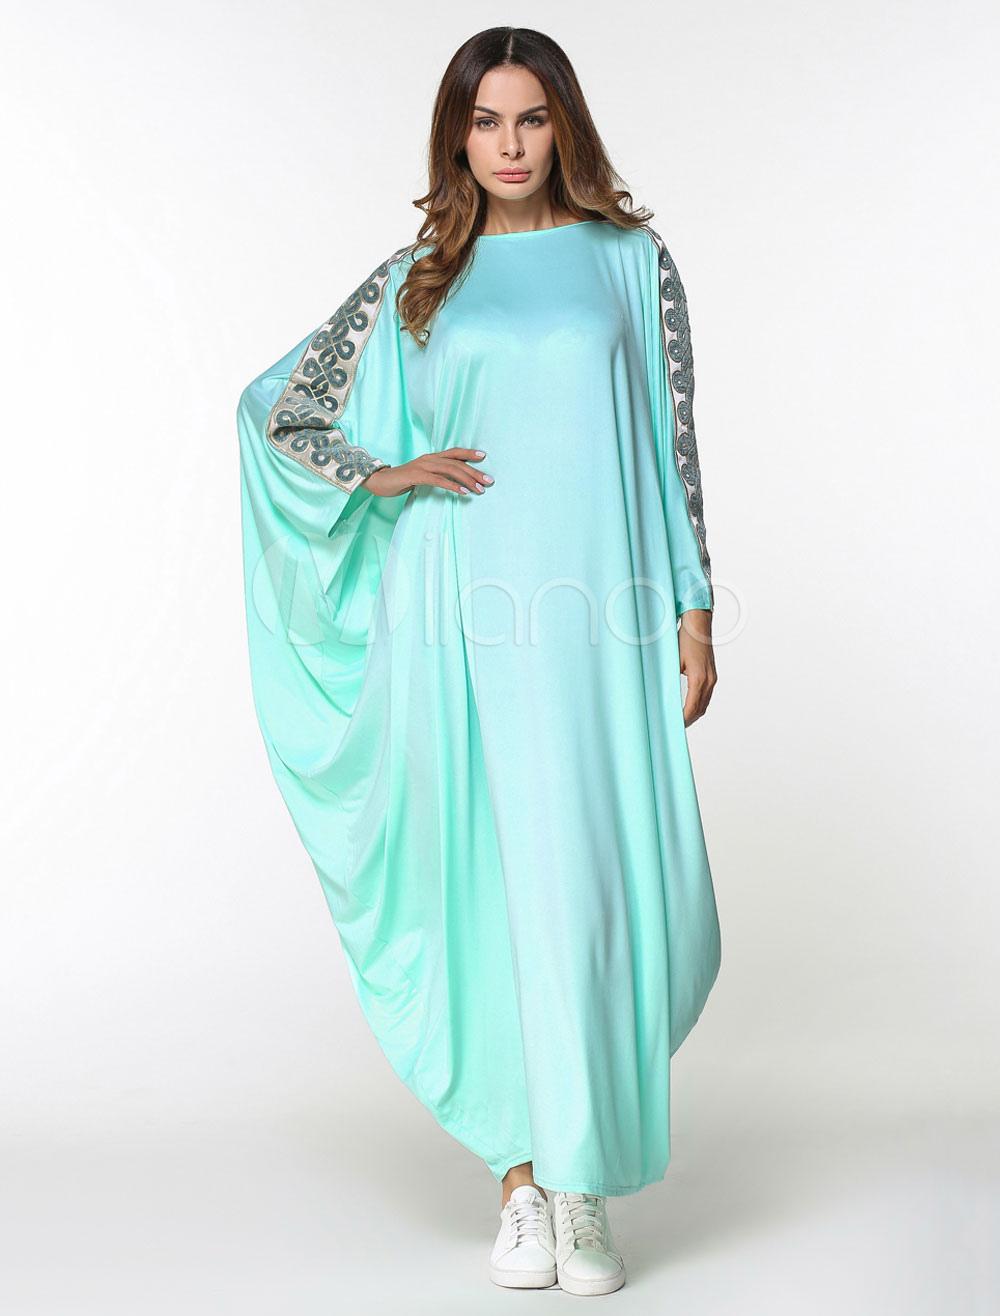 d4d1ff13 ... Muslim Kaftan Dress Women Long Sleeve Ethnic Batwing Oversized Jalabiya  Dress-No.5. 1. 30%OFF. Color:Light Green. AddThis Sharing Buttons